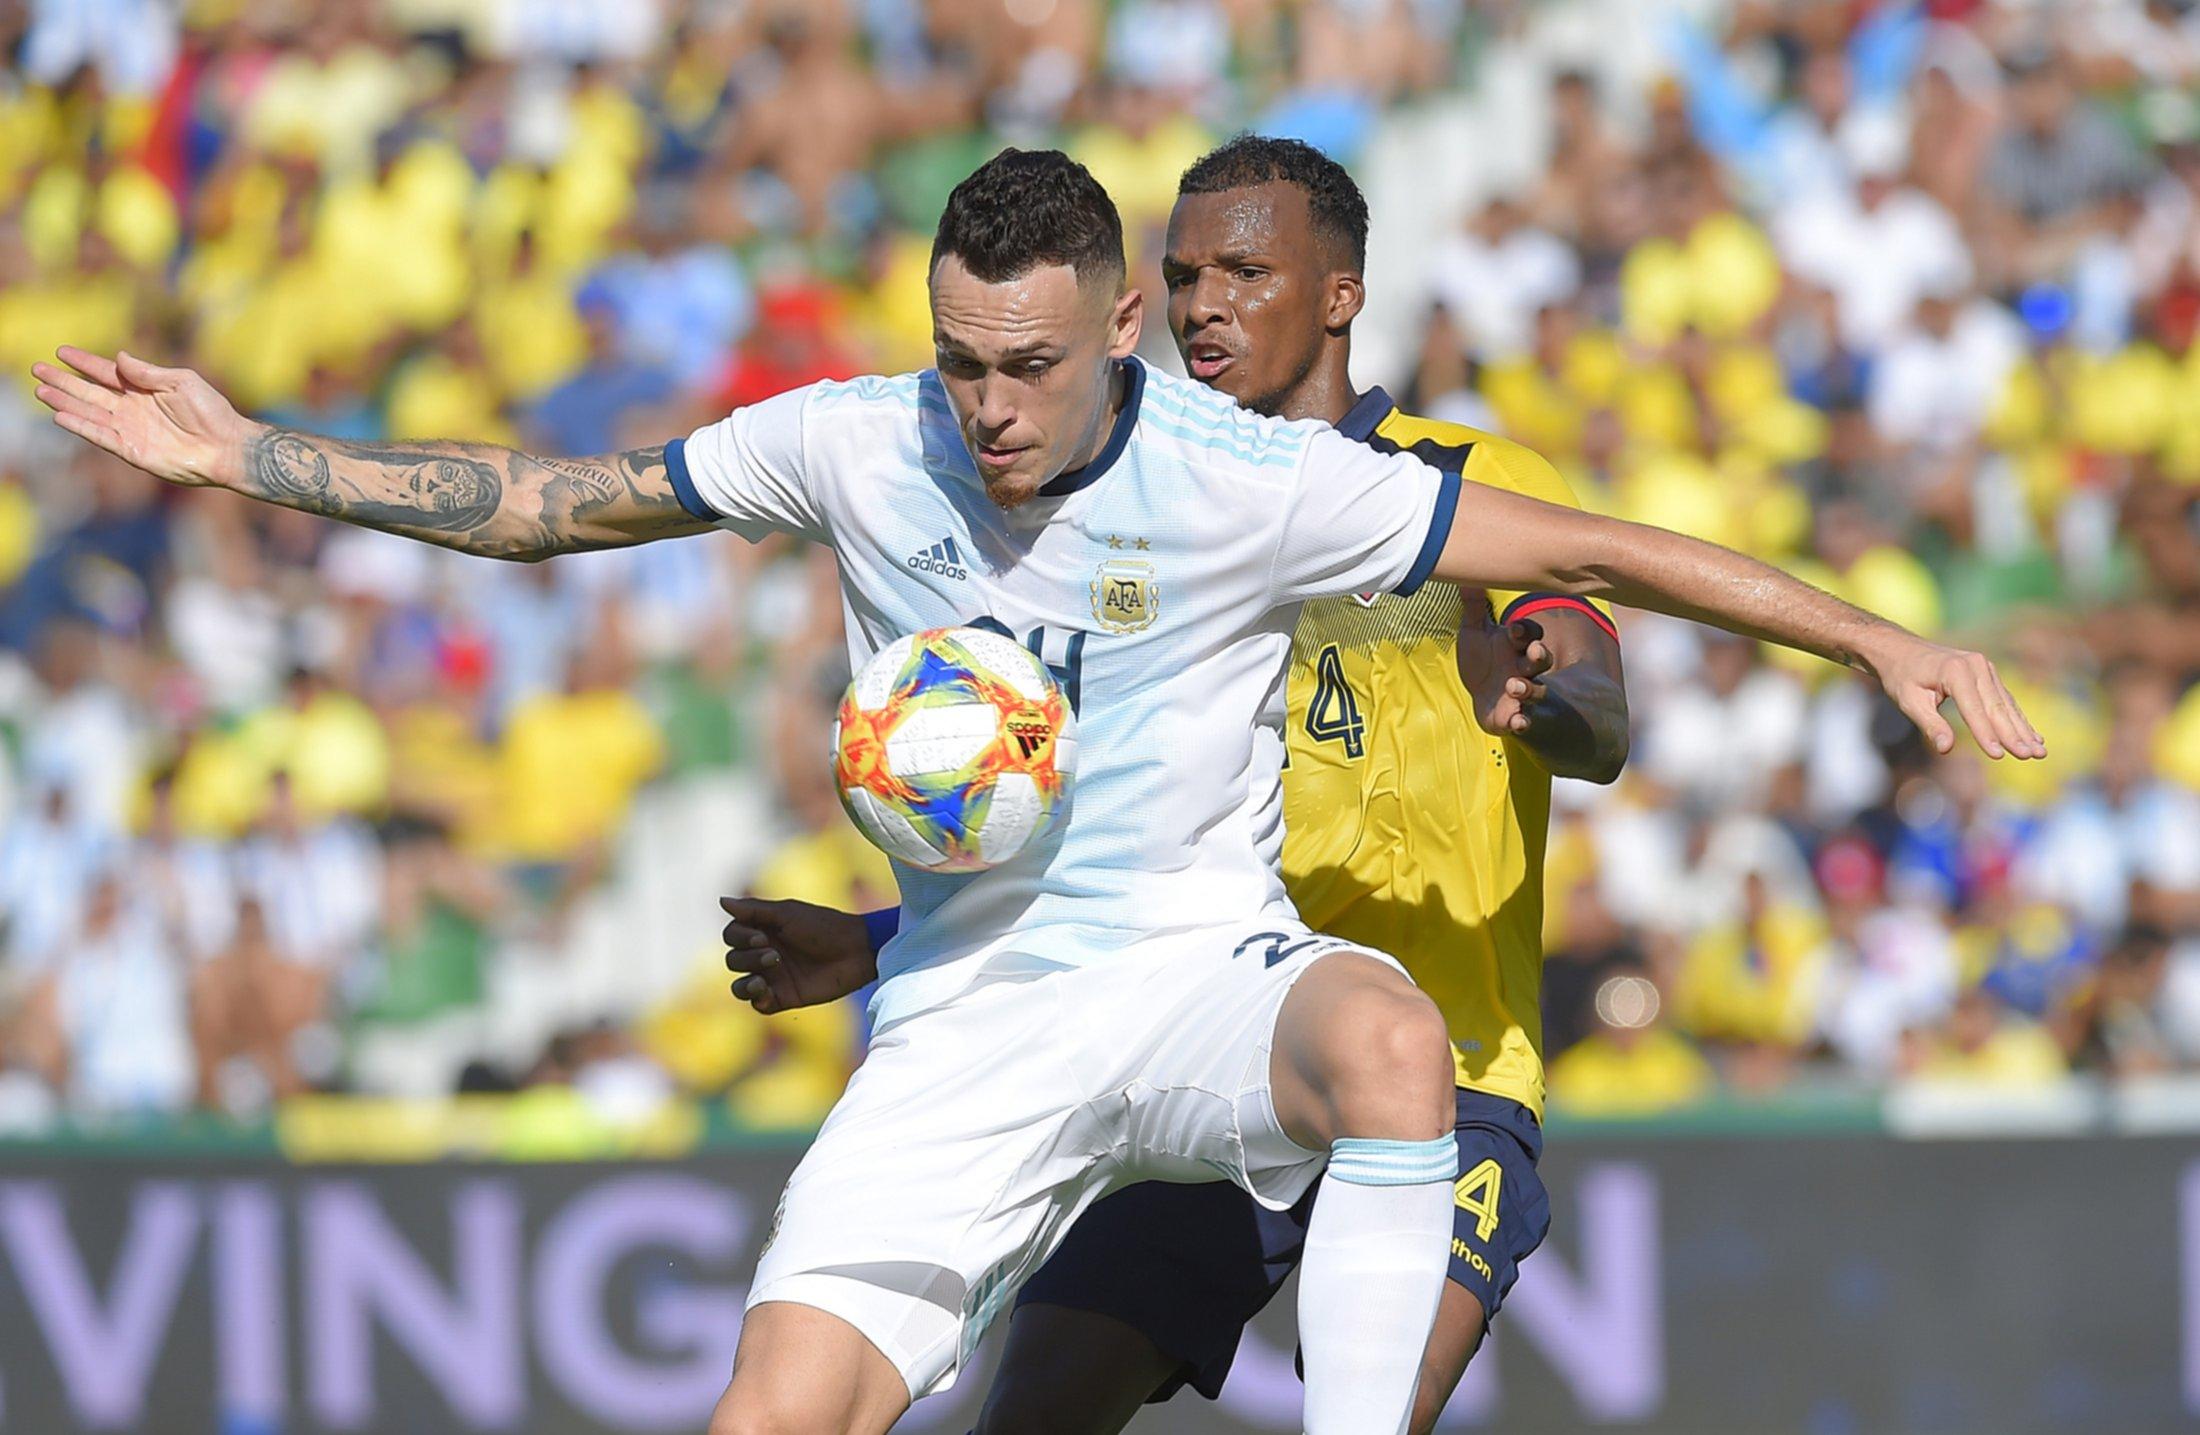 <p>Anotó. Lucas Ocampo volvió a convertir en el amistoso de la selección argentina.</p>